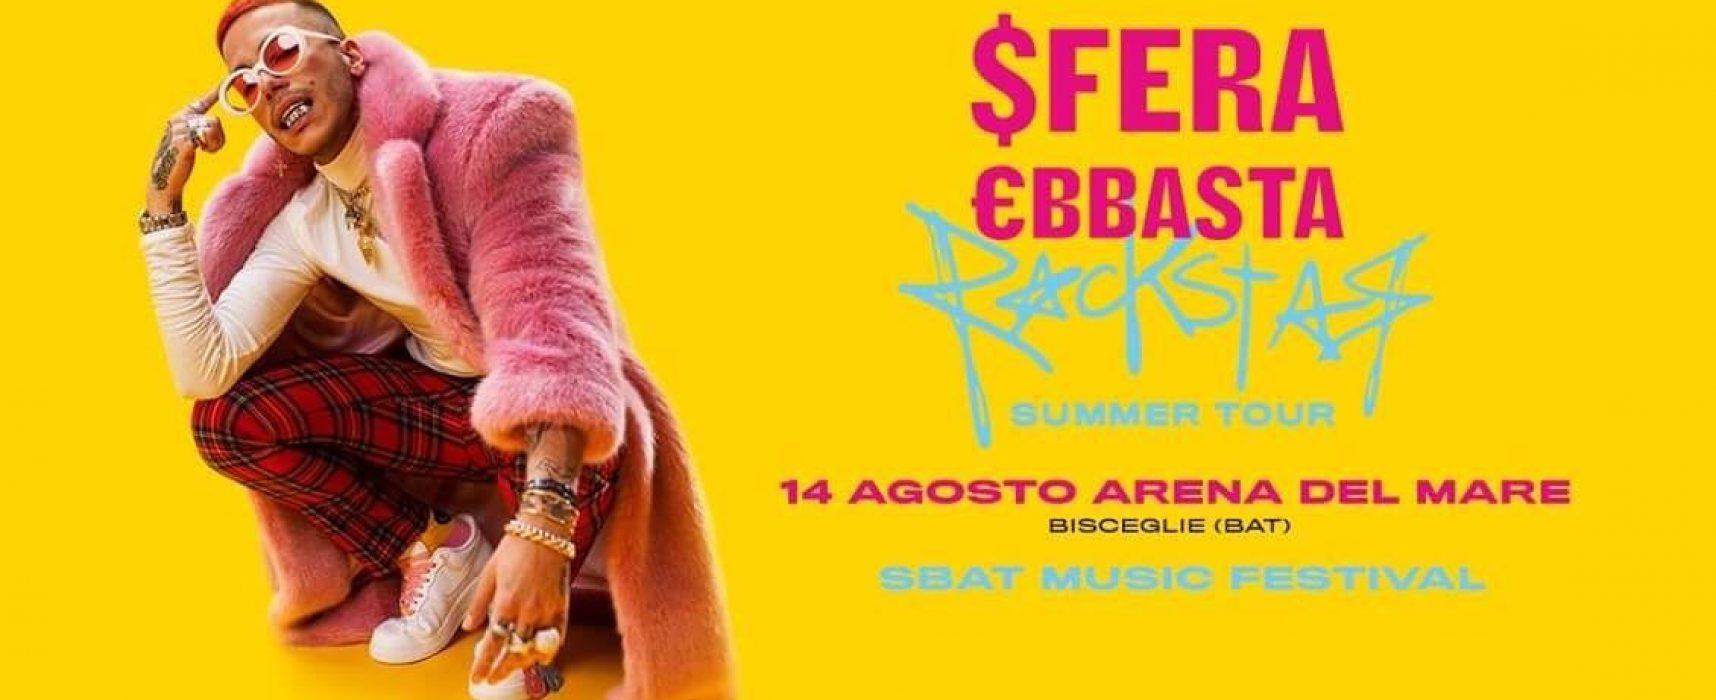 Sfera Ebbasta all'Arena del Mare, il concerto dell'idolo rap della nuova generazione